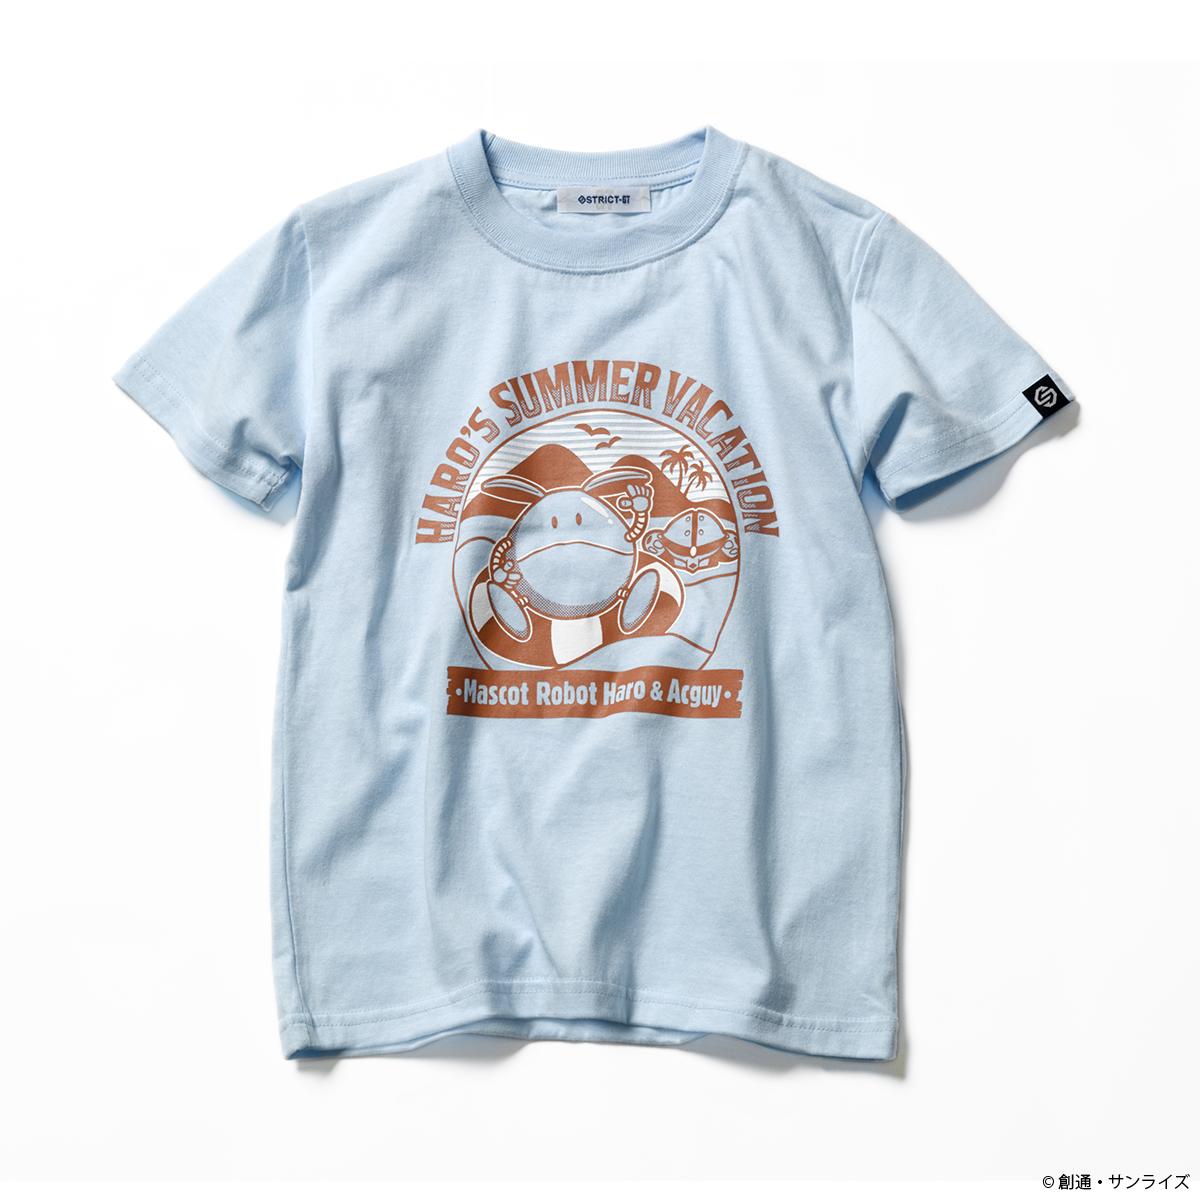 『機動戦士ガンダム』KIDSコレクション発売!レトロPOPなTシャツ&メッシュCAPが登場♪